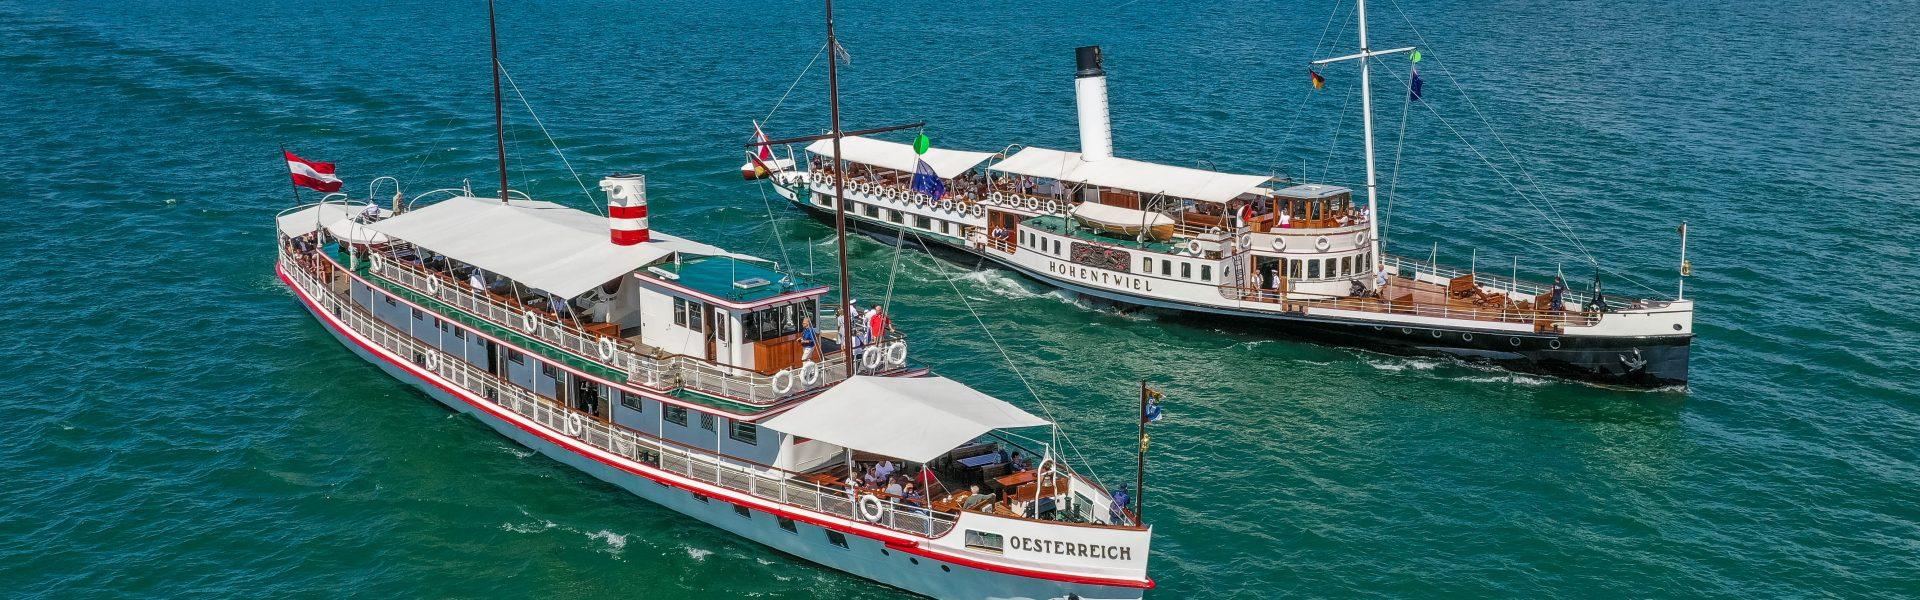 (c) Historische Schifffahrt Bodensee